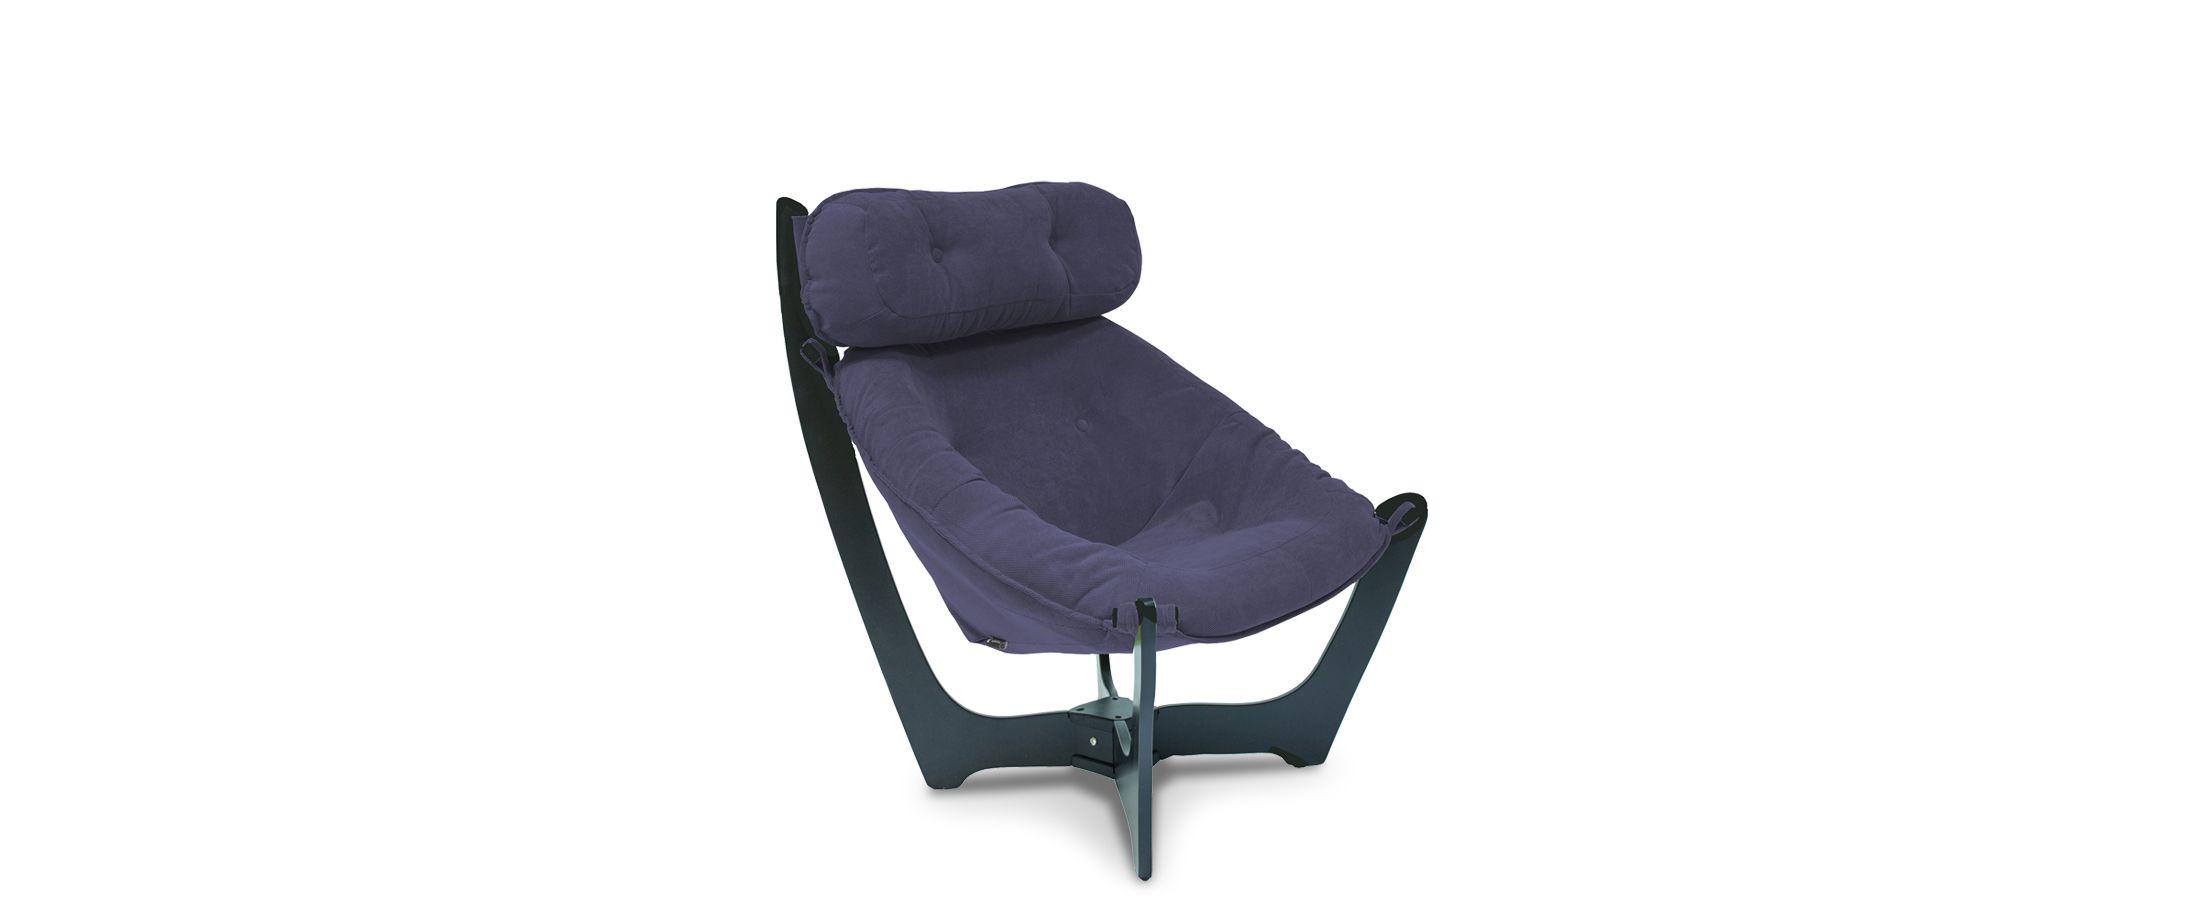 Кресло для отдыха 11Кресло для отдыха 11 синего цвета Модель 364 артикул С000113<br>